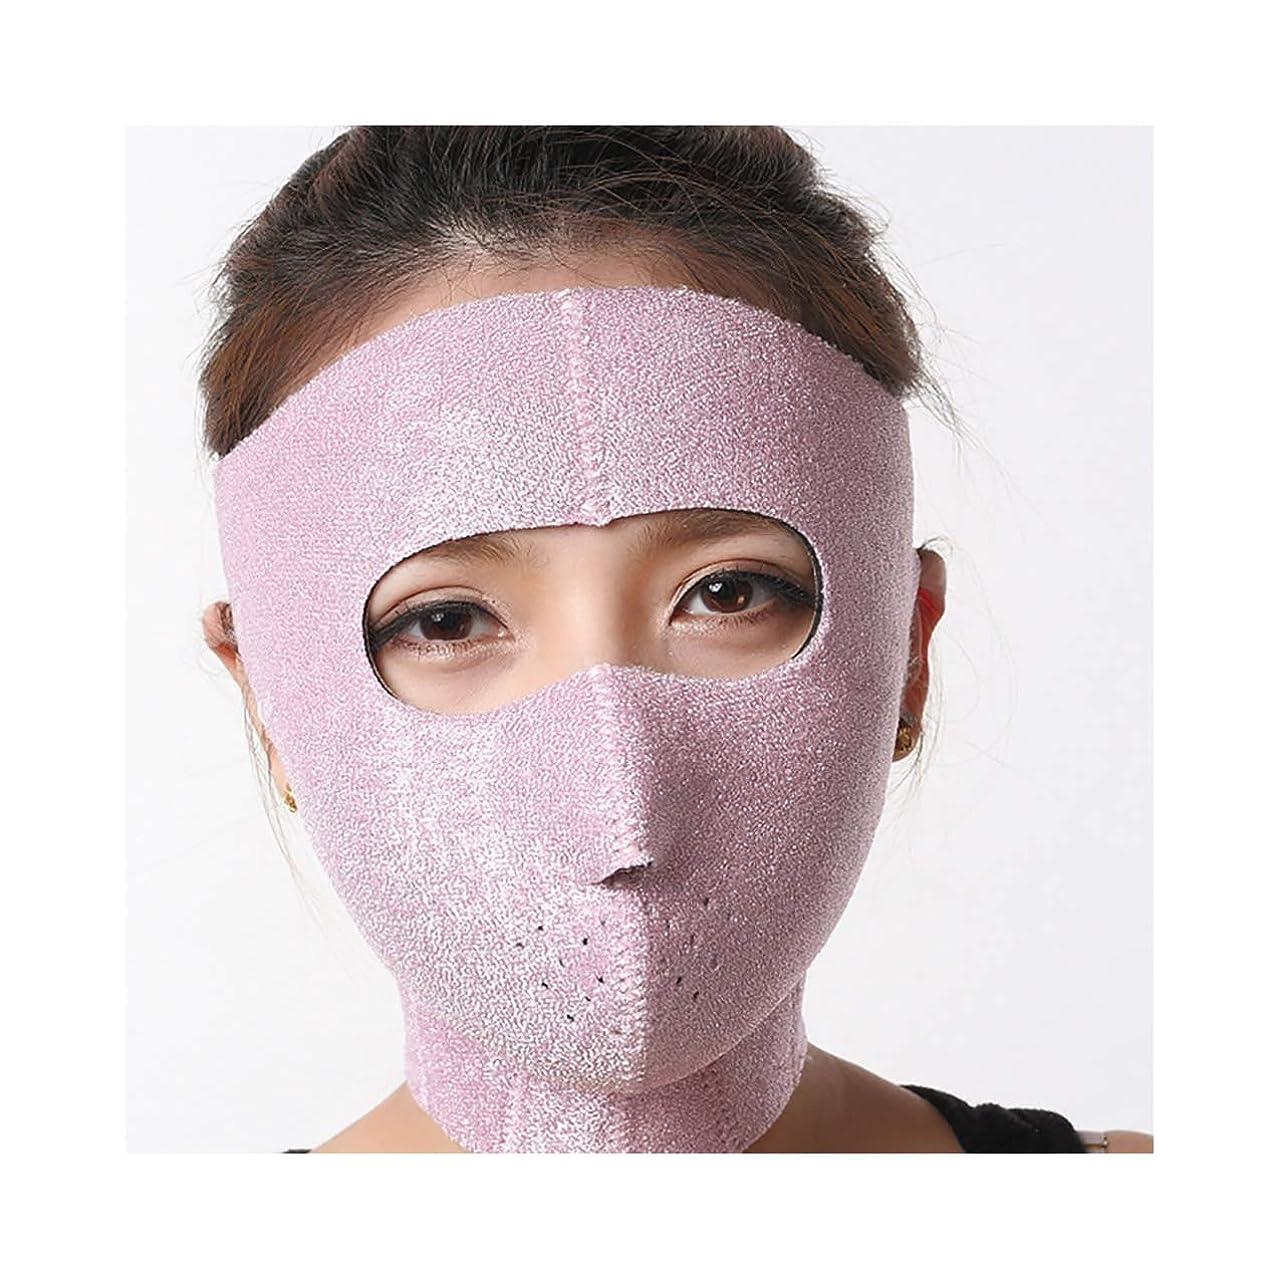 先例あらゆる種類のアグネスグレイGLJJQMY スリムベルトマスク薄い顔マスク睡眠薄い顔マスク薄い顔包帯薄い顔アーティファクト薄い顔薄い顔薄い顔小さいV顔睡眠薄い顔ベルト 顔用整形マスク